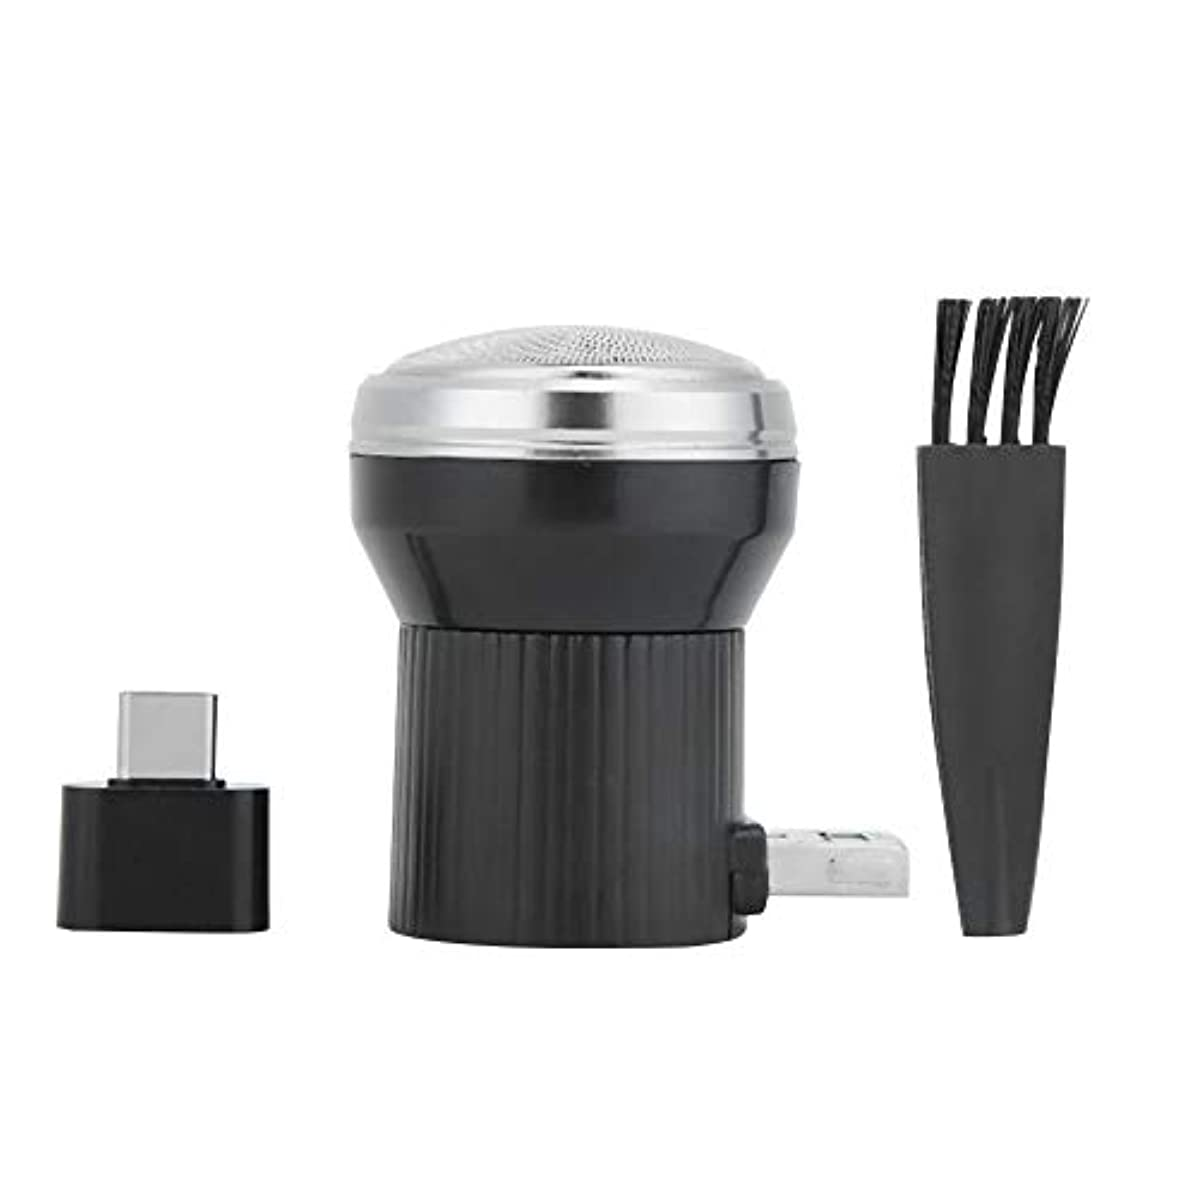 完璧パプアニューギニアパールDC5V 4.5W メンズシェーバー 髭剃り 回転式 USBシェーバー 携帯電話/USB充電式 持ち運び便利 電気シェーバー USBポート